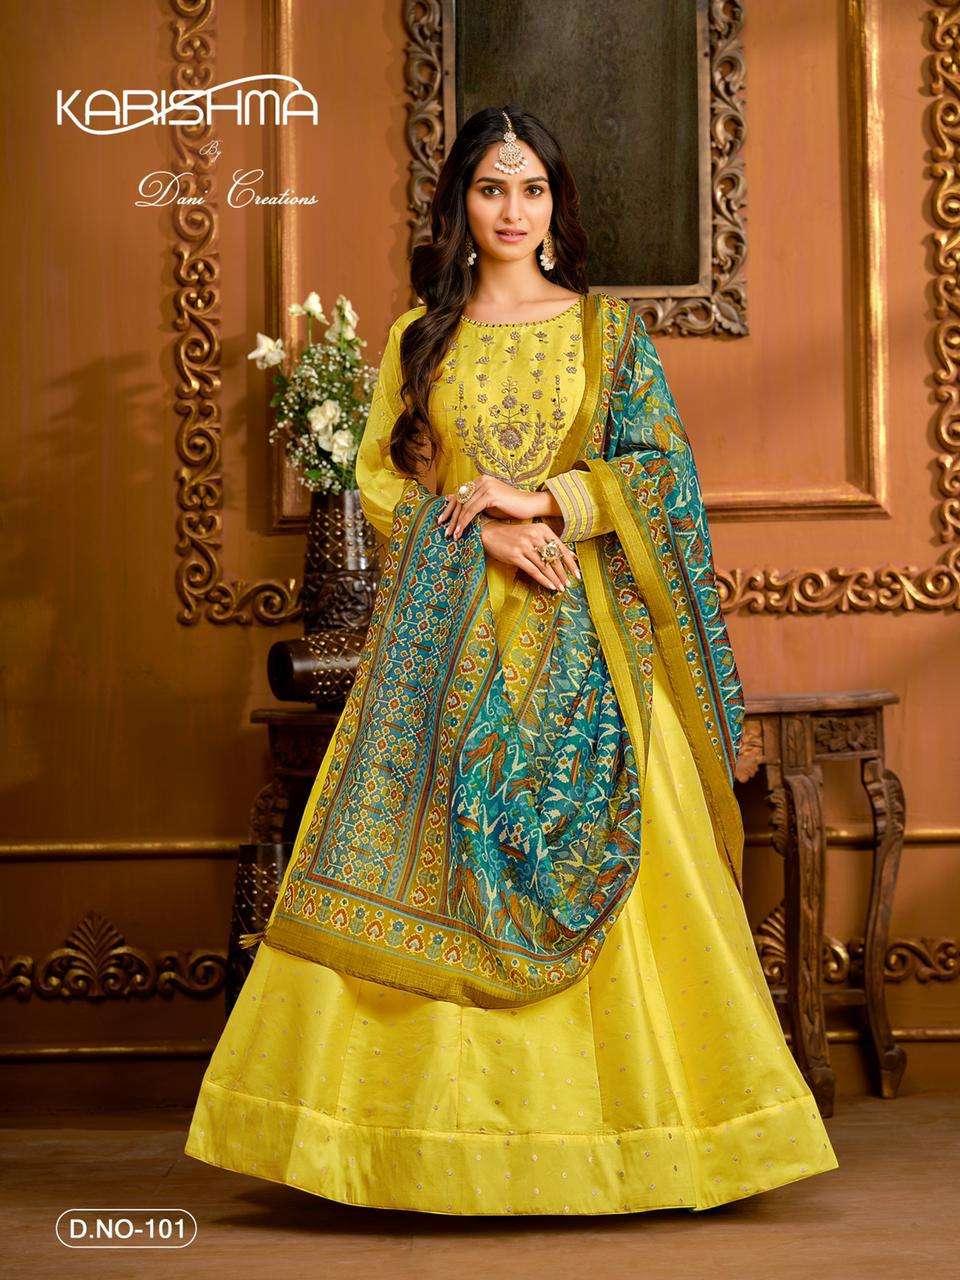 Karishma Vol 1 Designer Readymade Anarkali dress Catalog Supplier